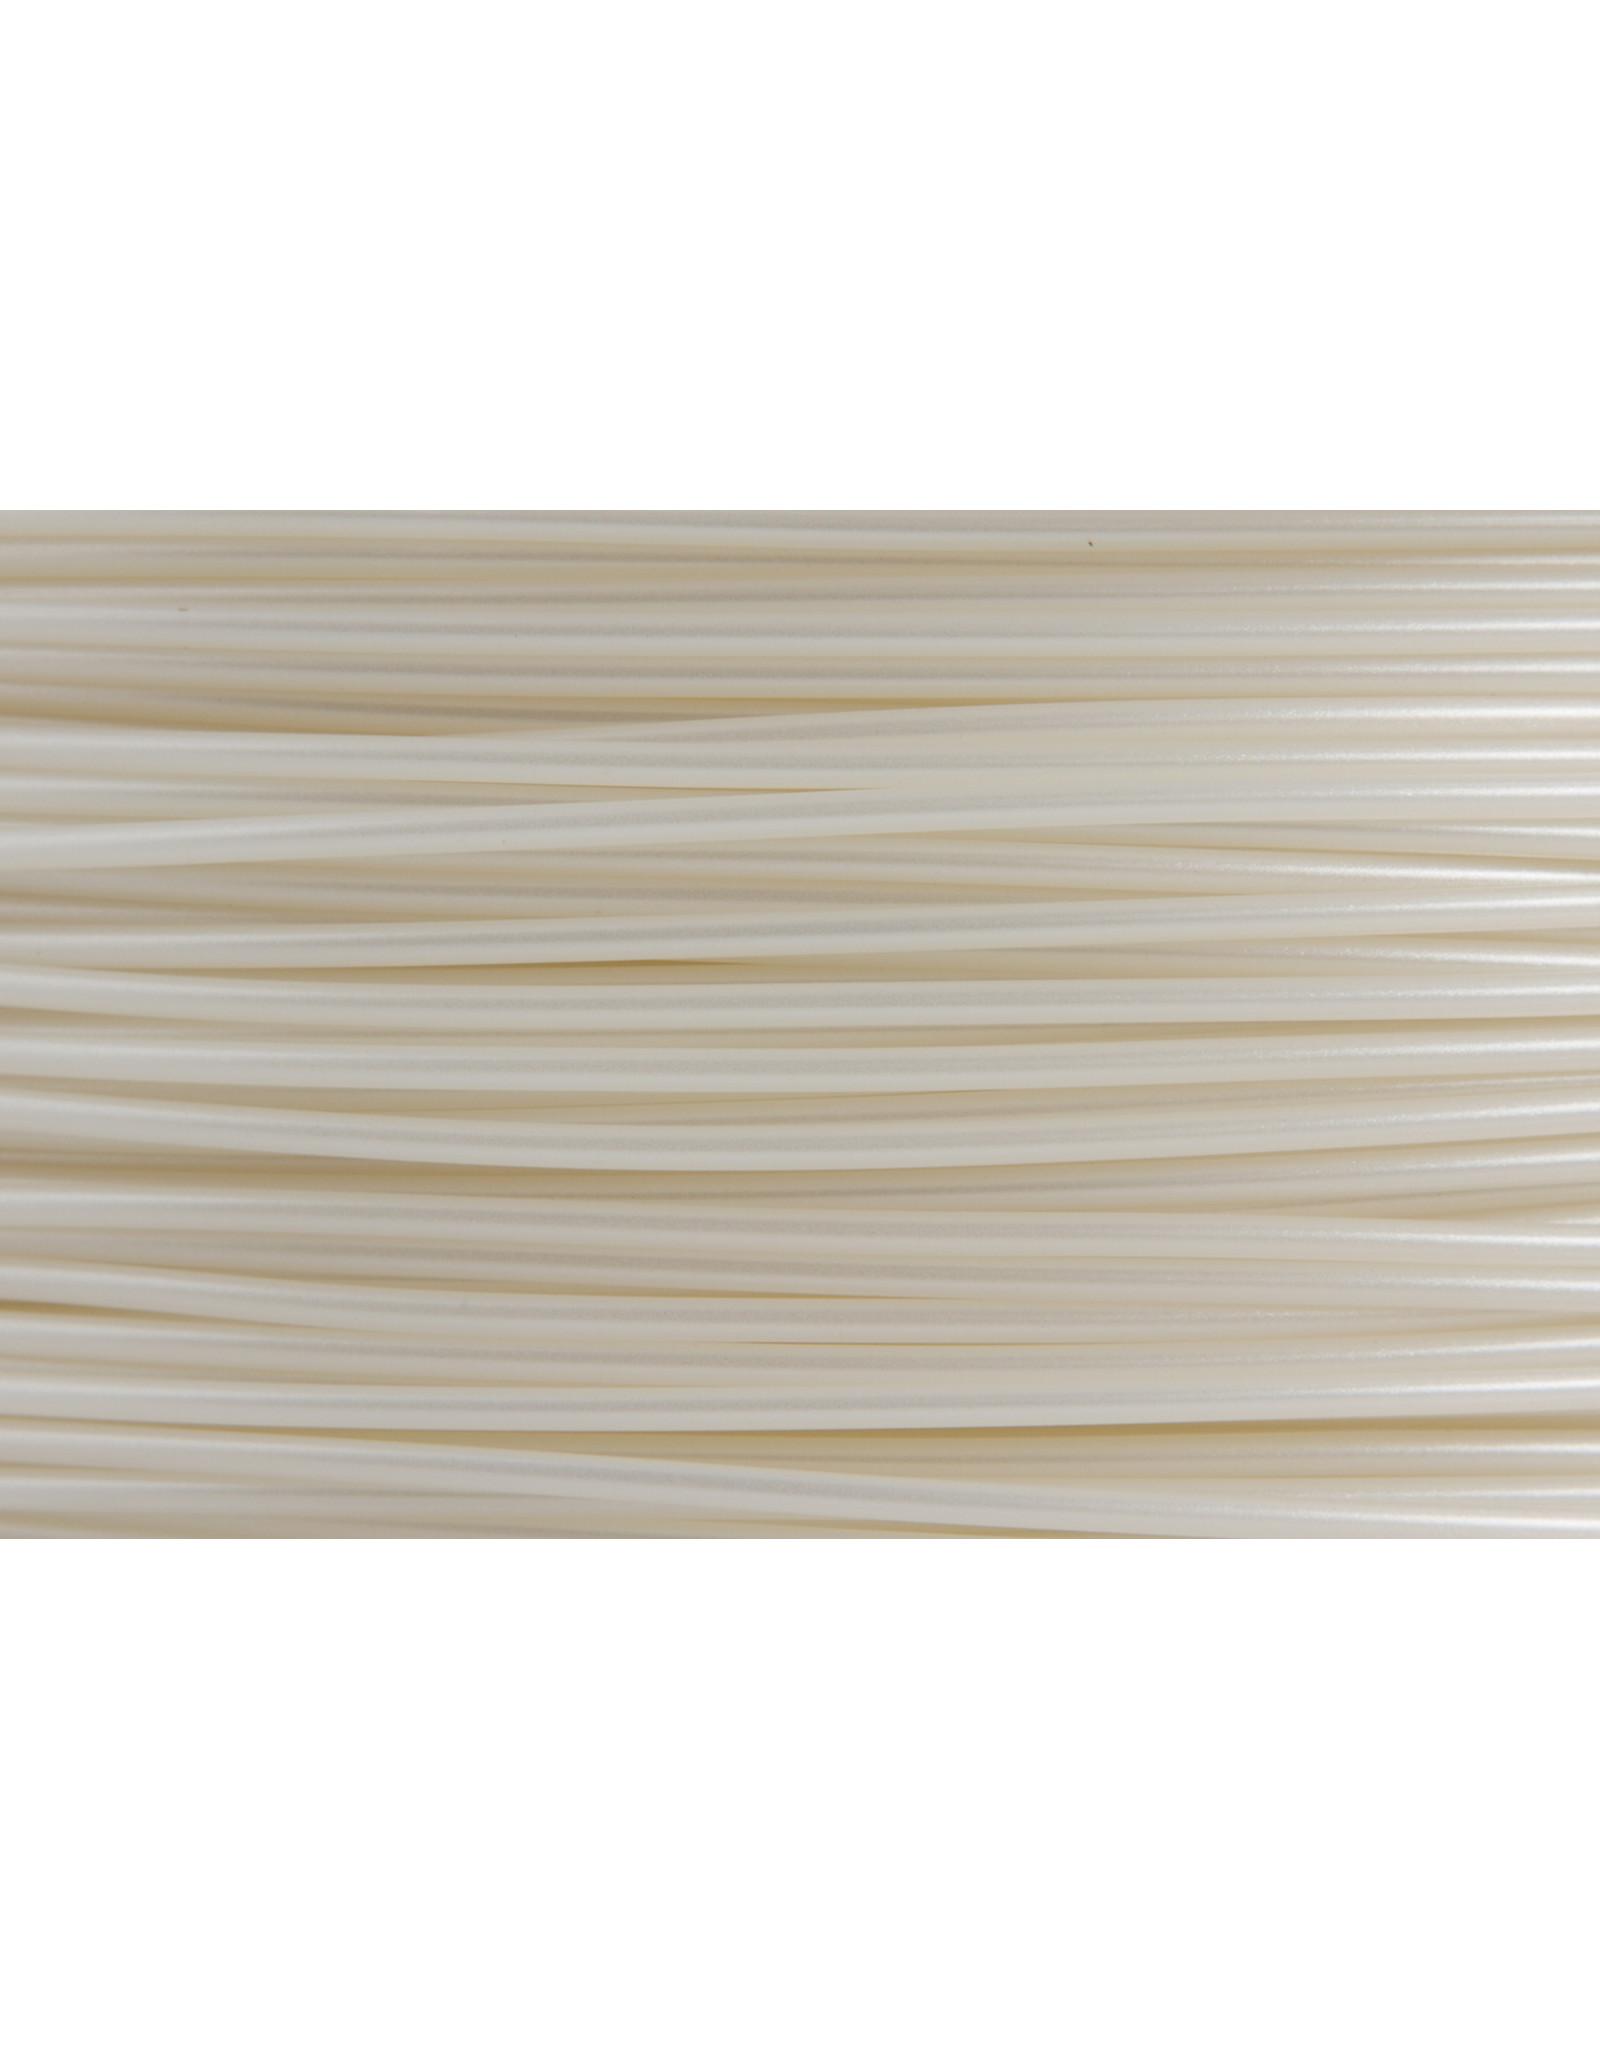 Prima PrimaSelect PLA Satin  1.75mm - 750gr White Satin